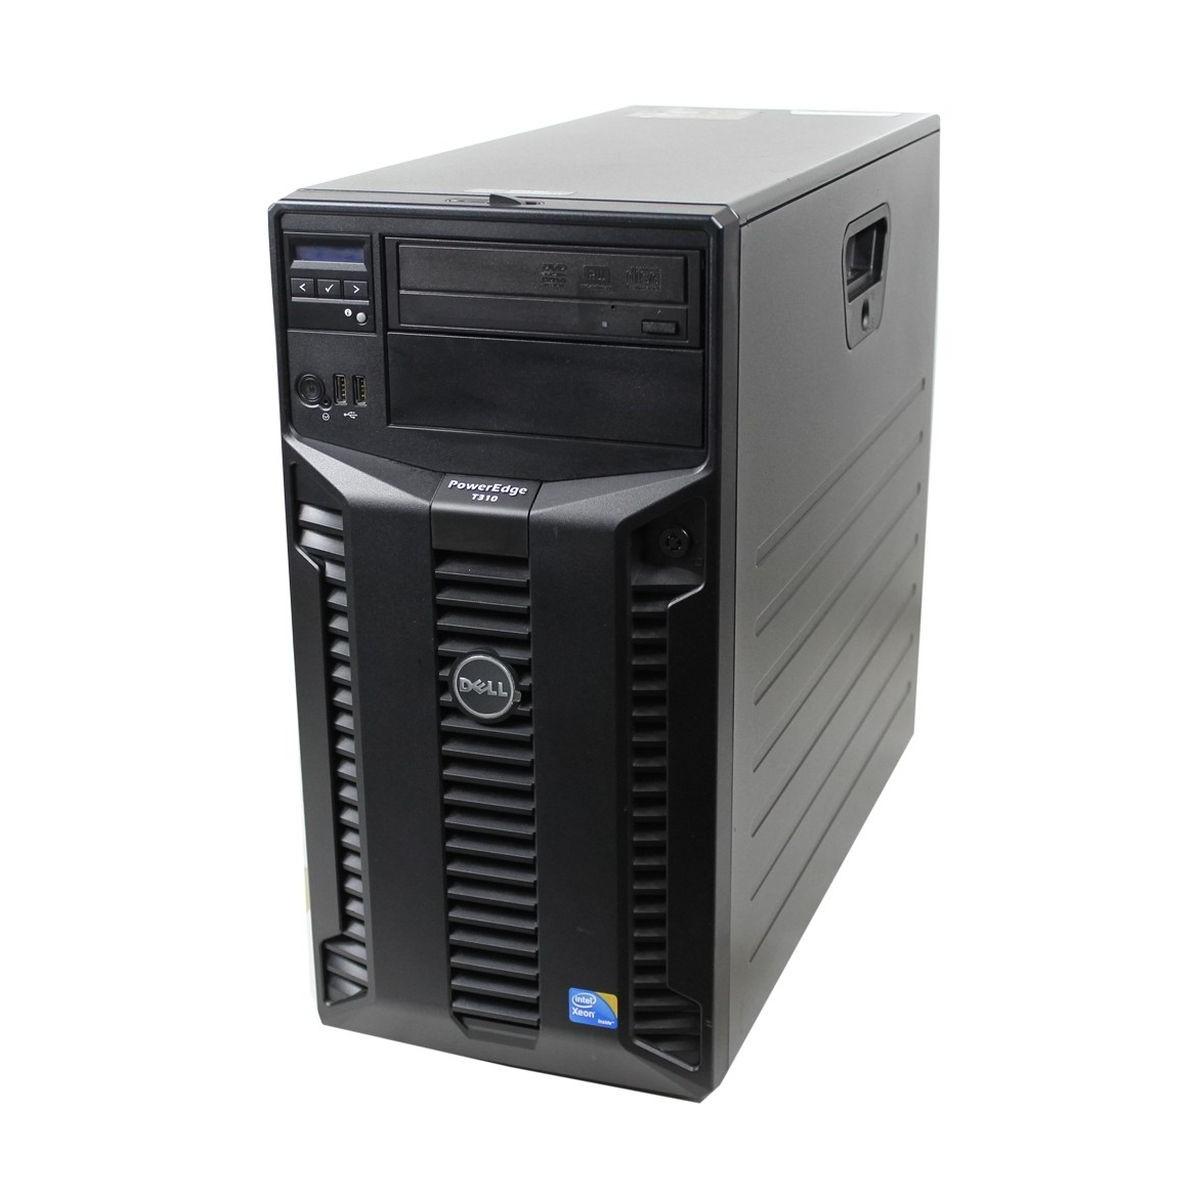 DELL T310 x3450 QC 8GB 2x300GB SAS PERC 6i 2xPSU